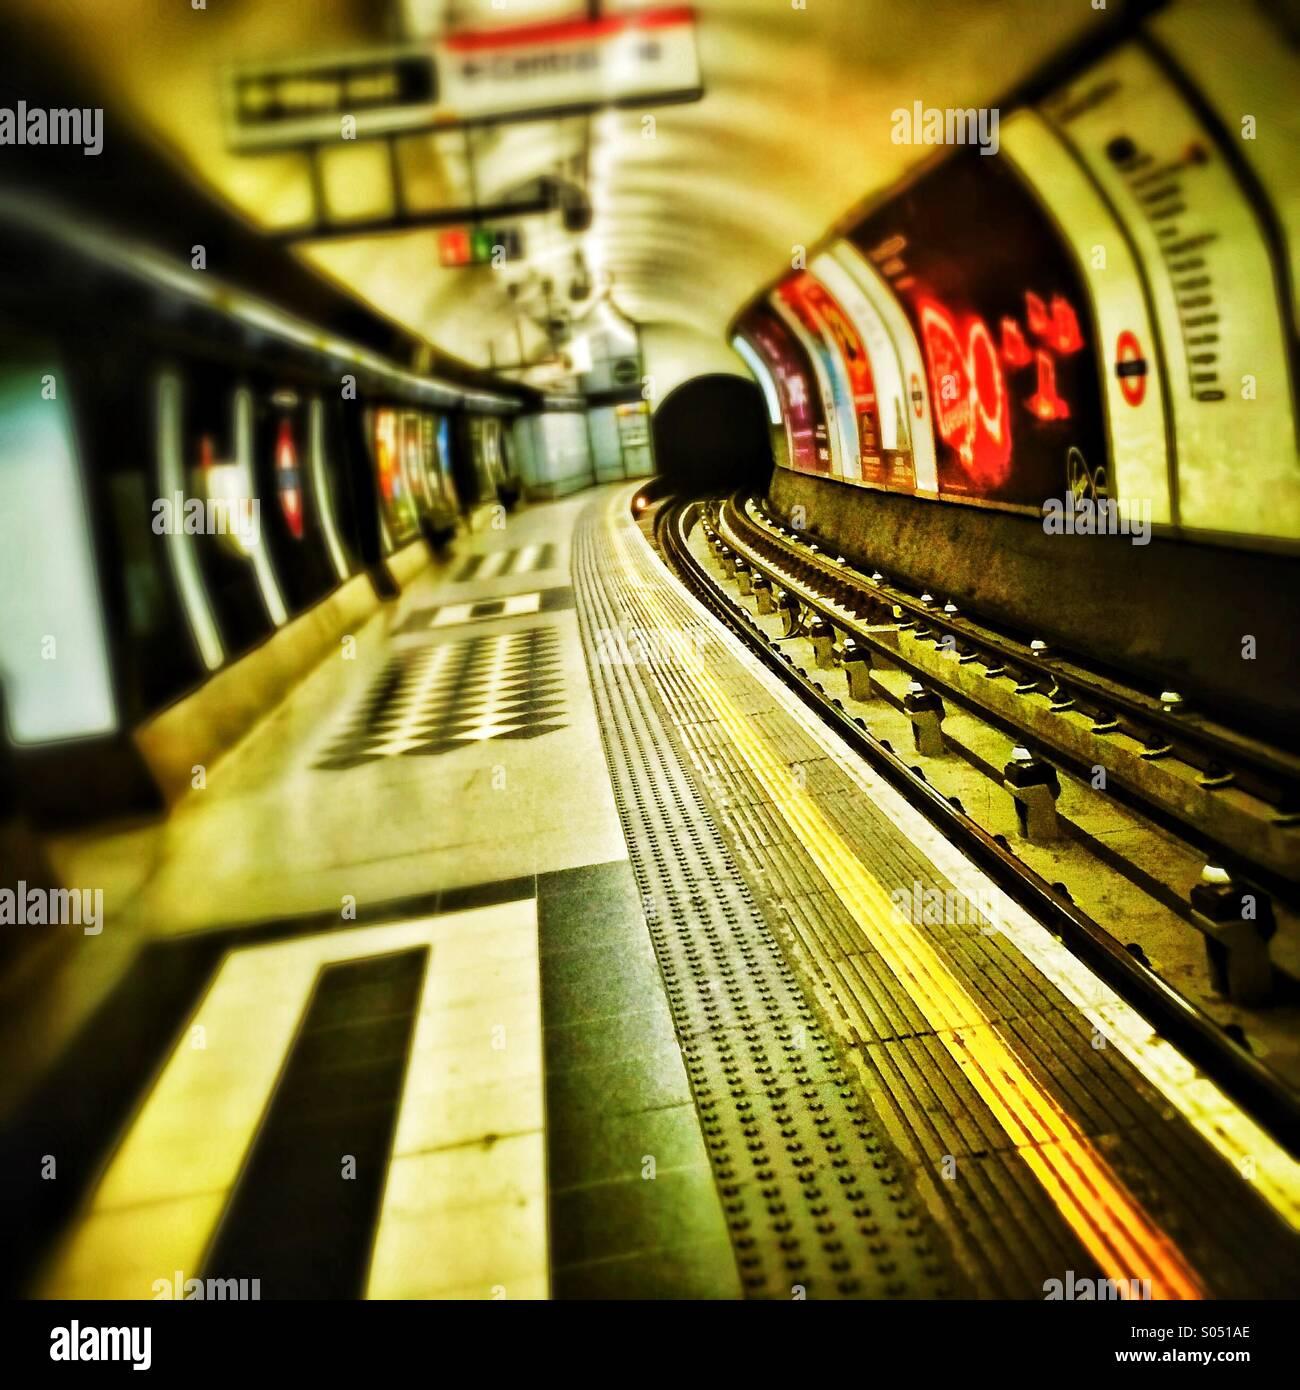 Deserted London Underground Tube station - Stock Image